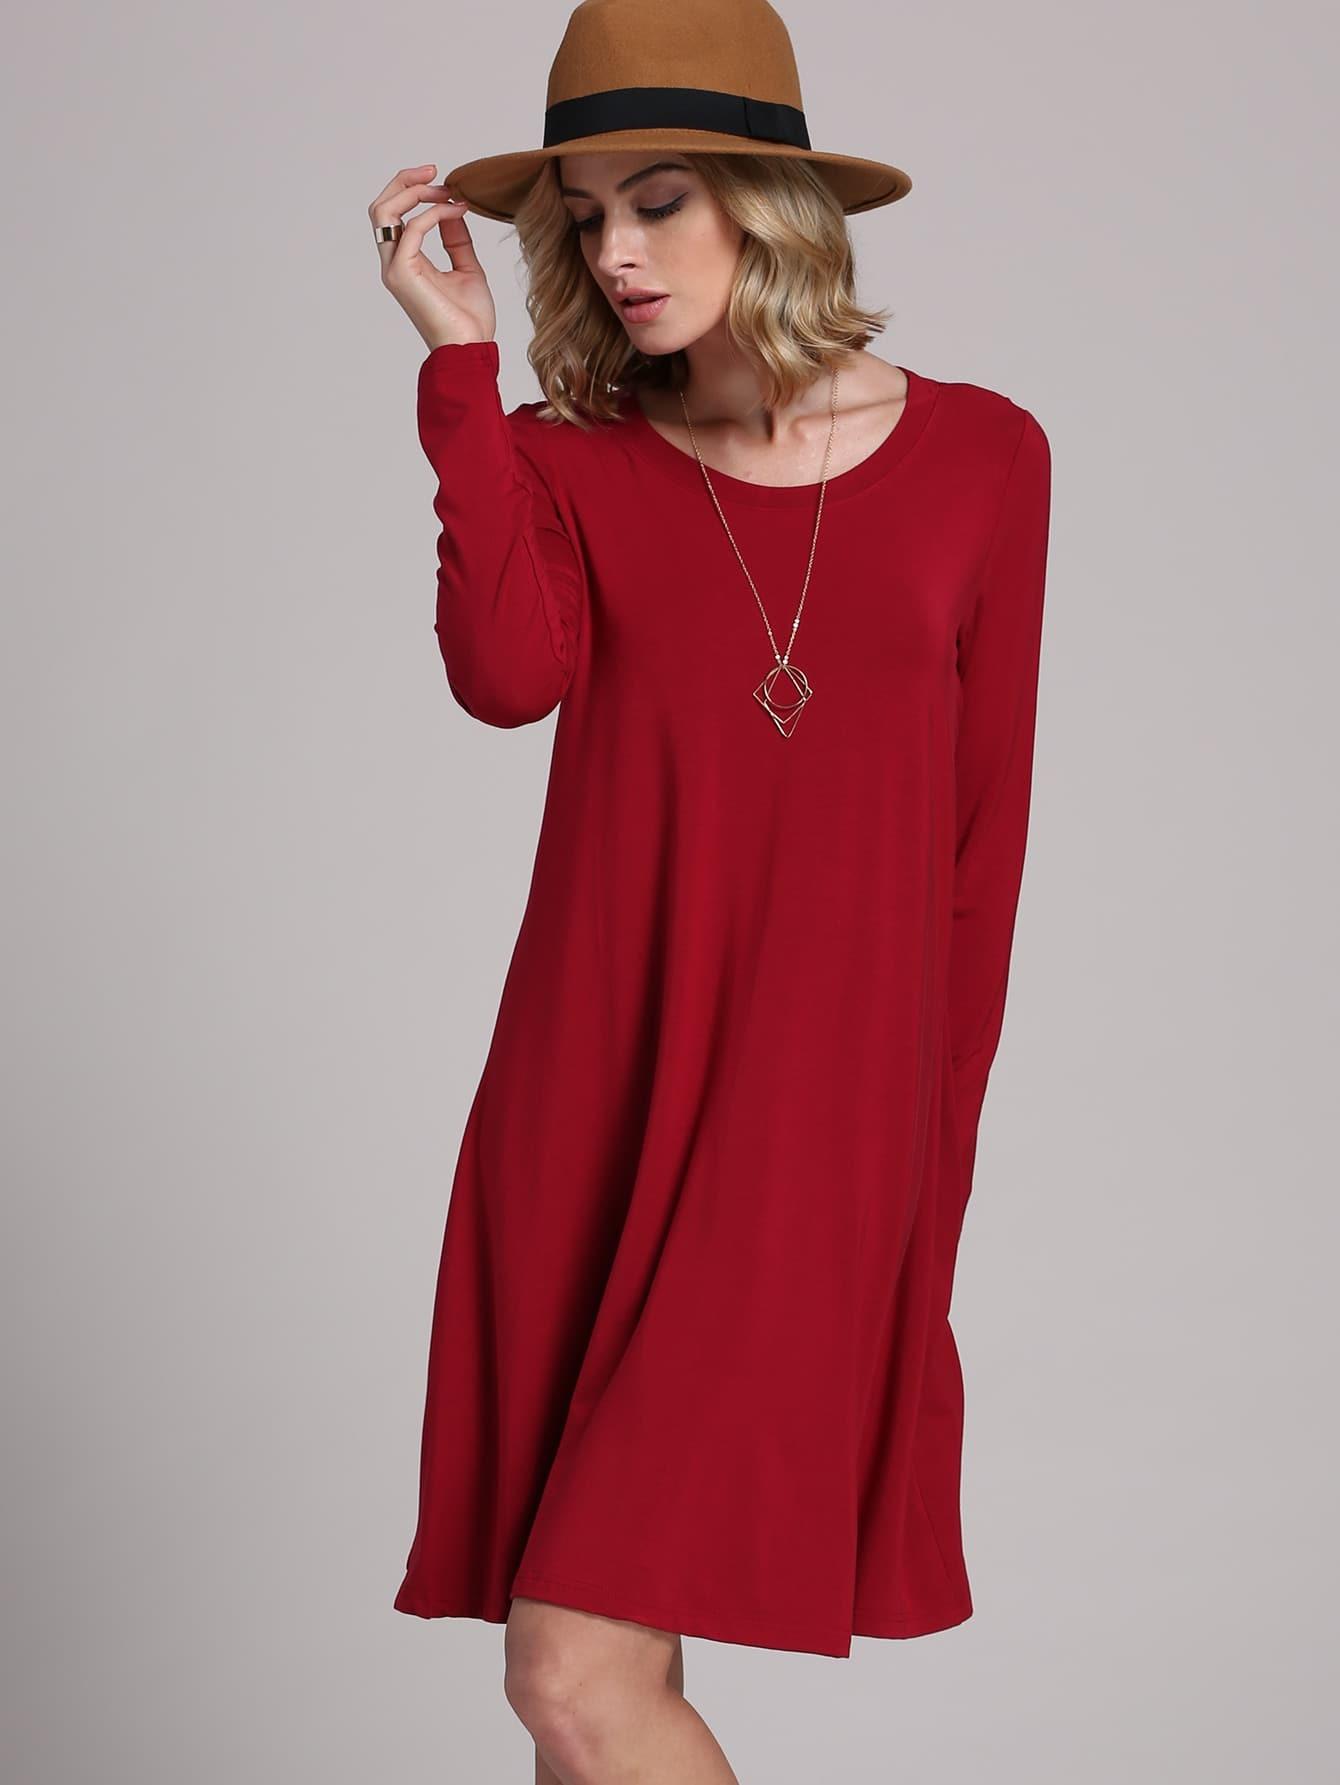 Купить Бордовое платье в стиле Кэжуал, Masha, SheIn